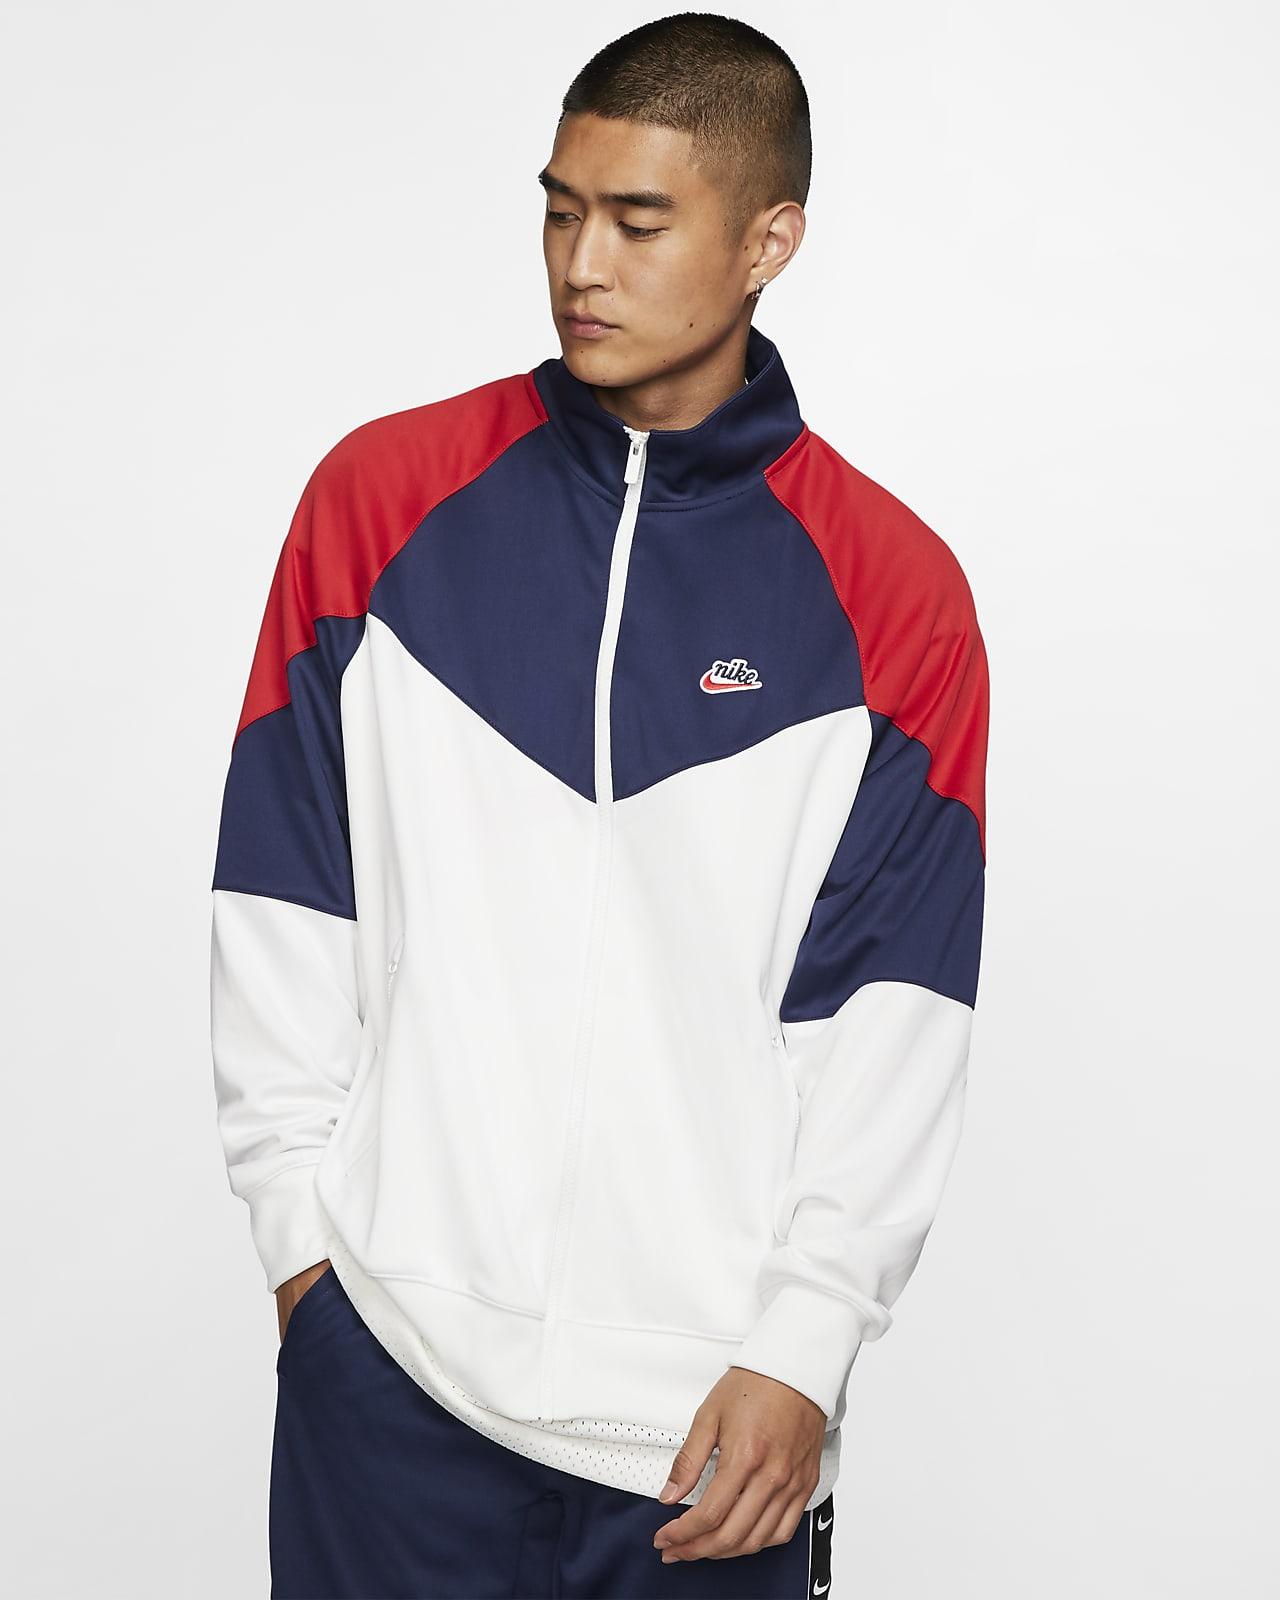 Nike MEN'S NIKE SPORTSWEAR JACKET | molo sport.hu